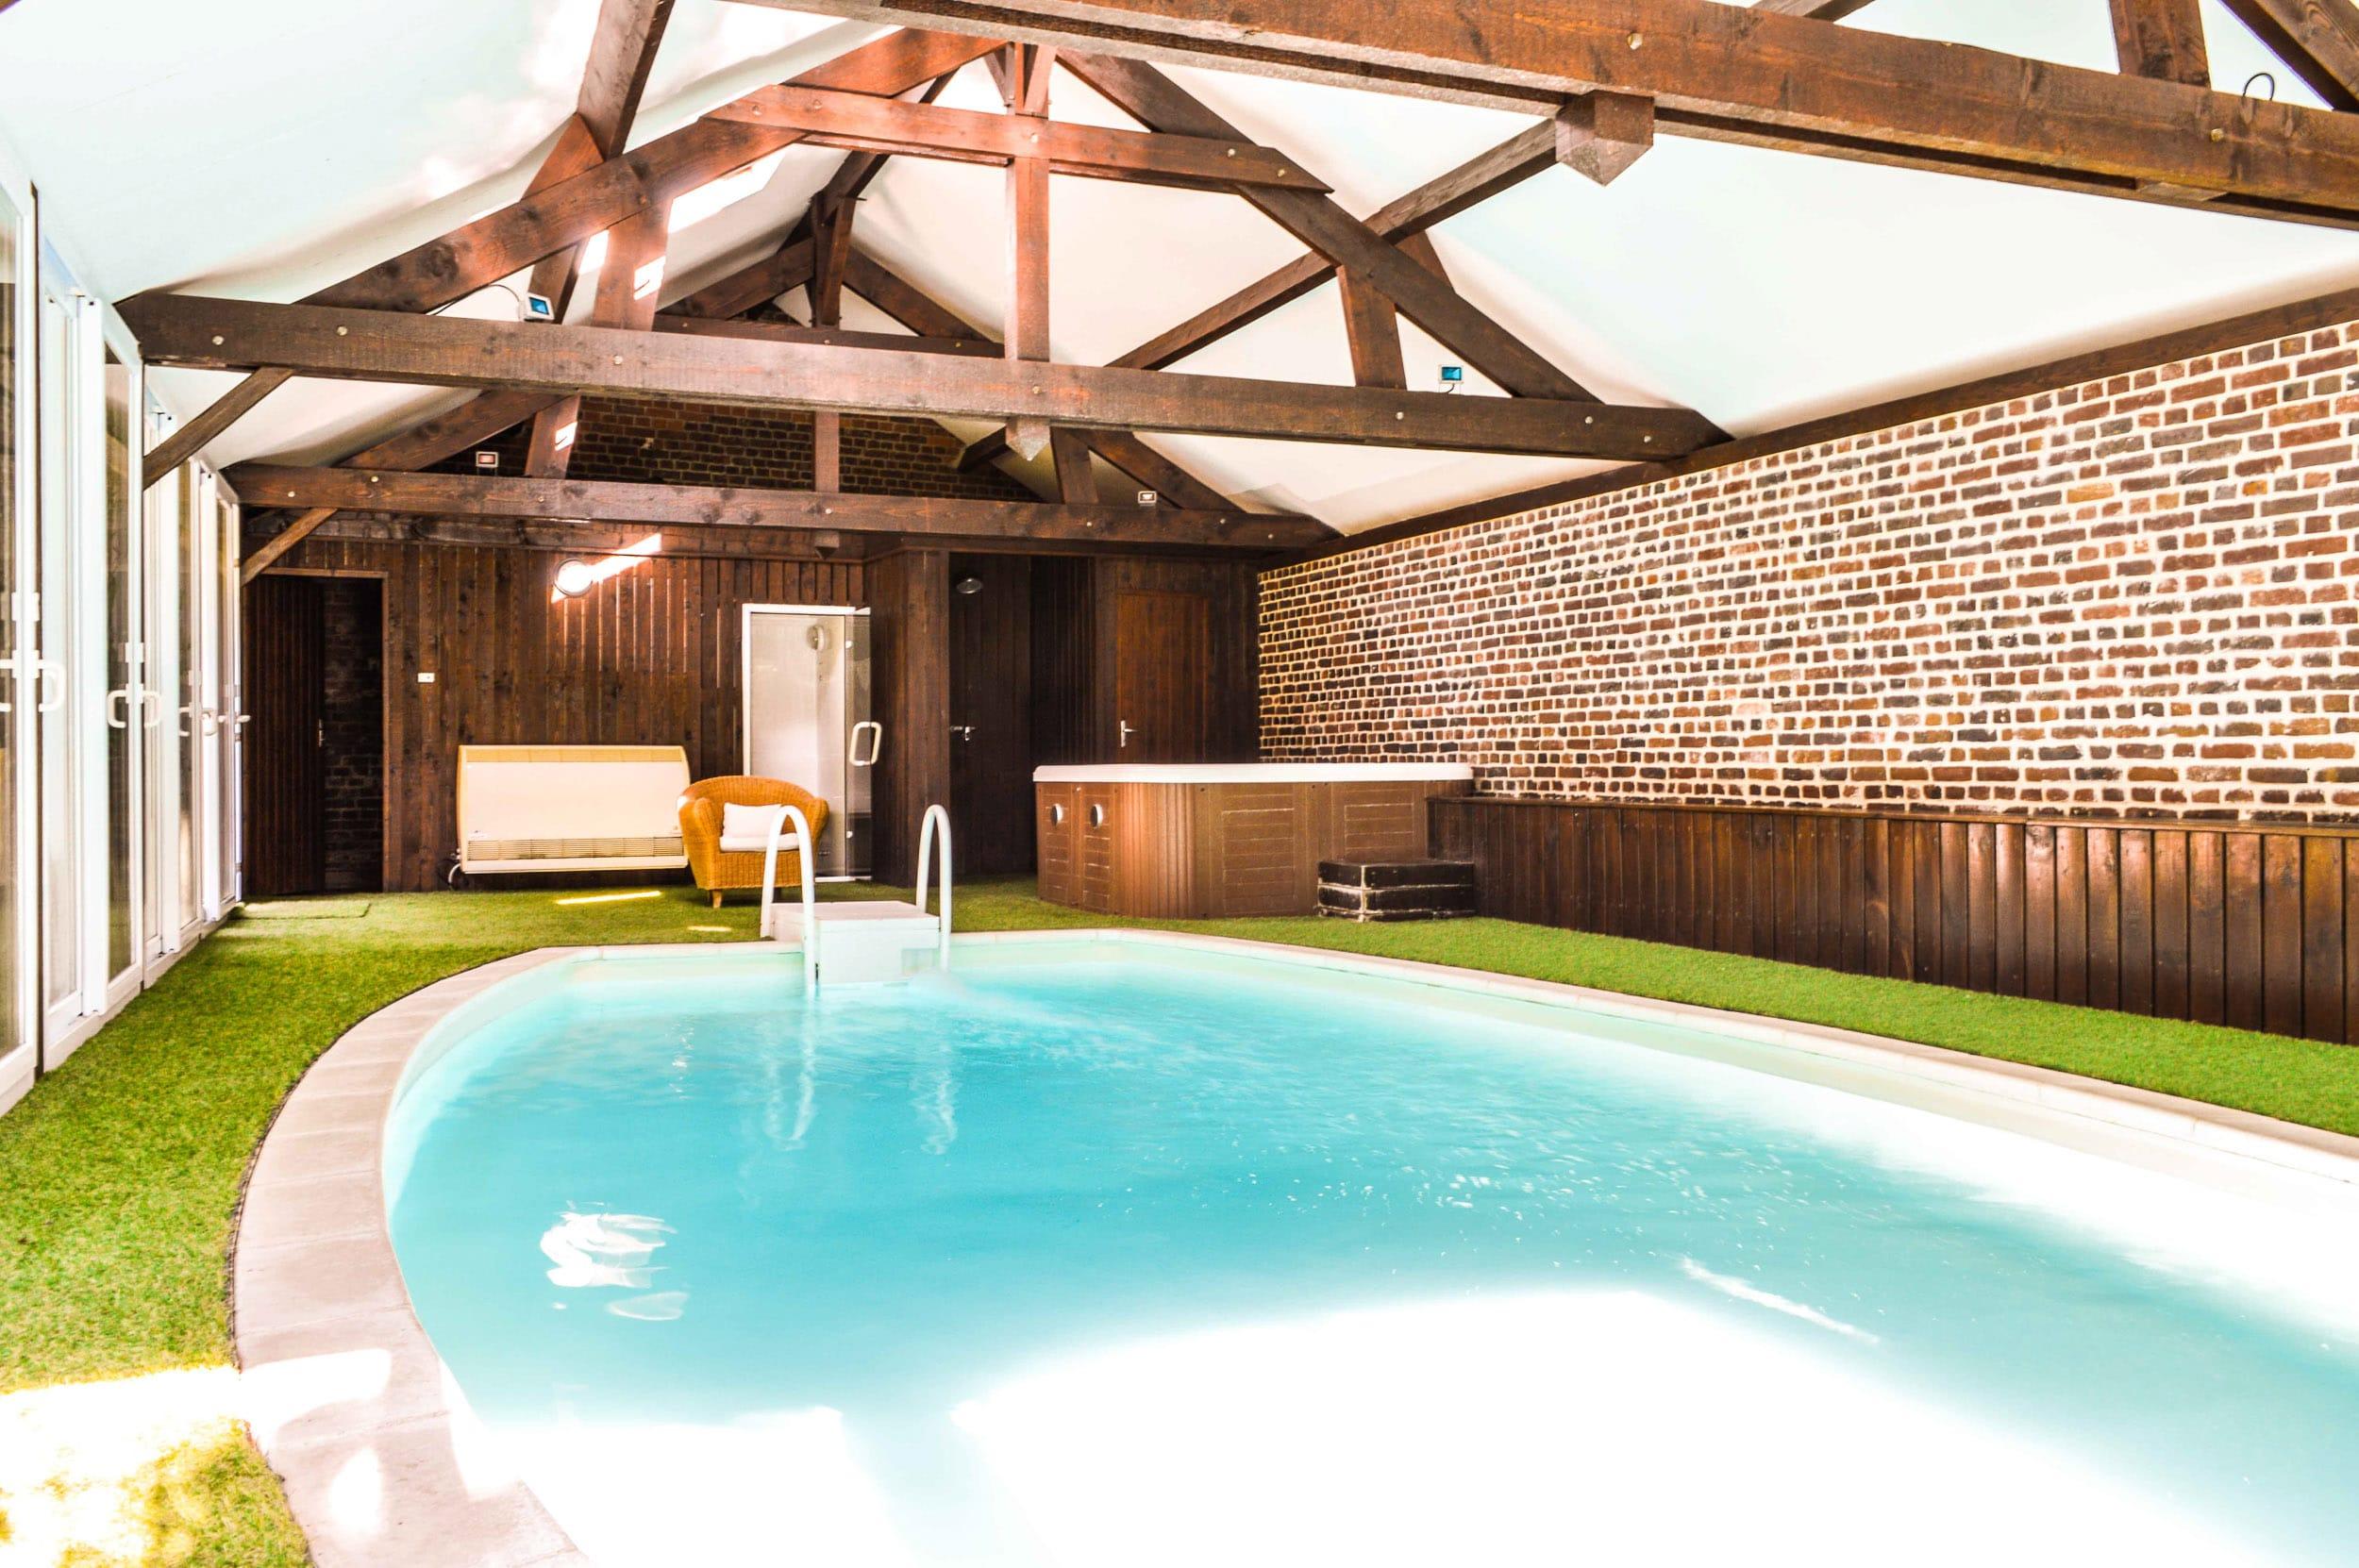 Hotel-Avec-Piscine-Meru-Les-Granges-Haillancourt-3-2 • Les ... destiné Piscine Meru